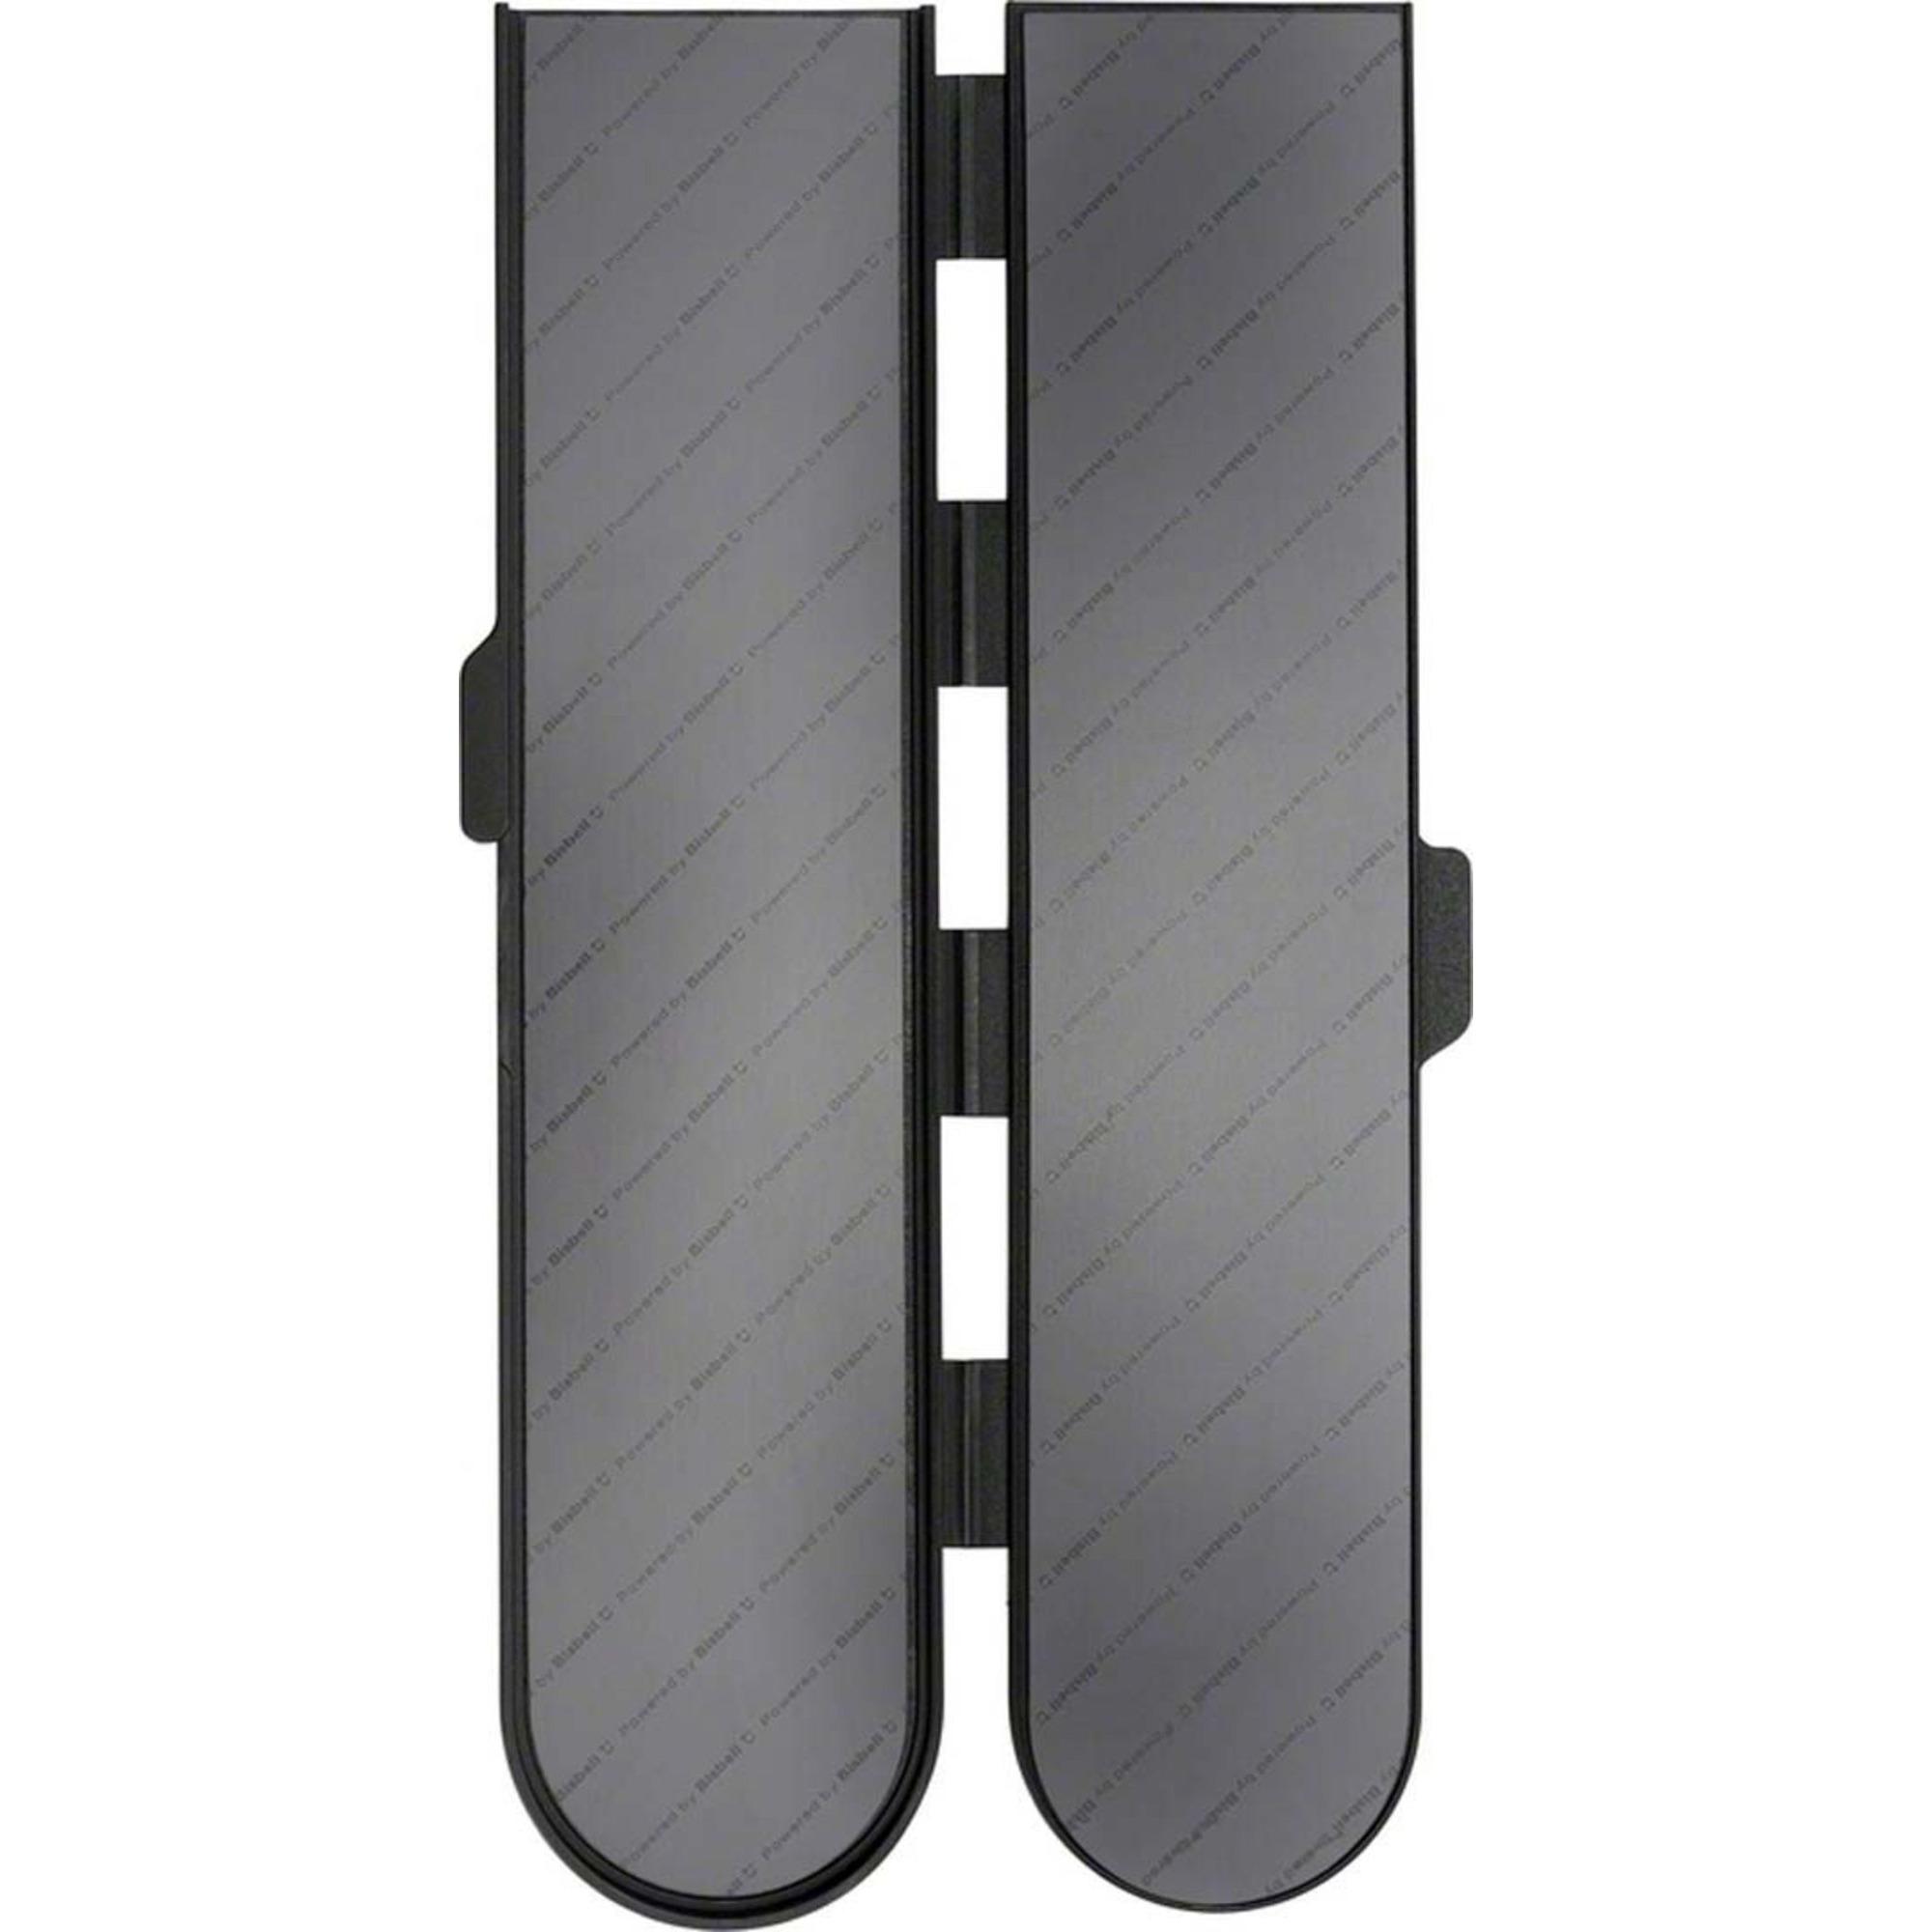 Zwilling Blade Guard Knivfodral Magnetiskt 55 x 26 cm